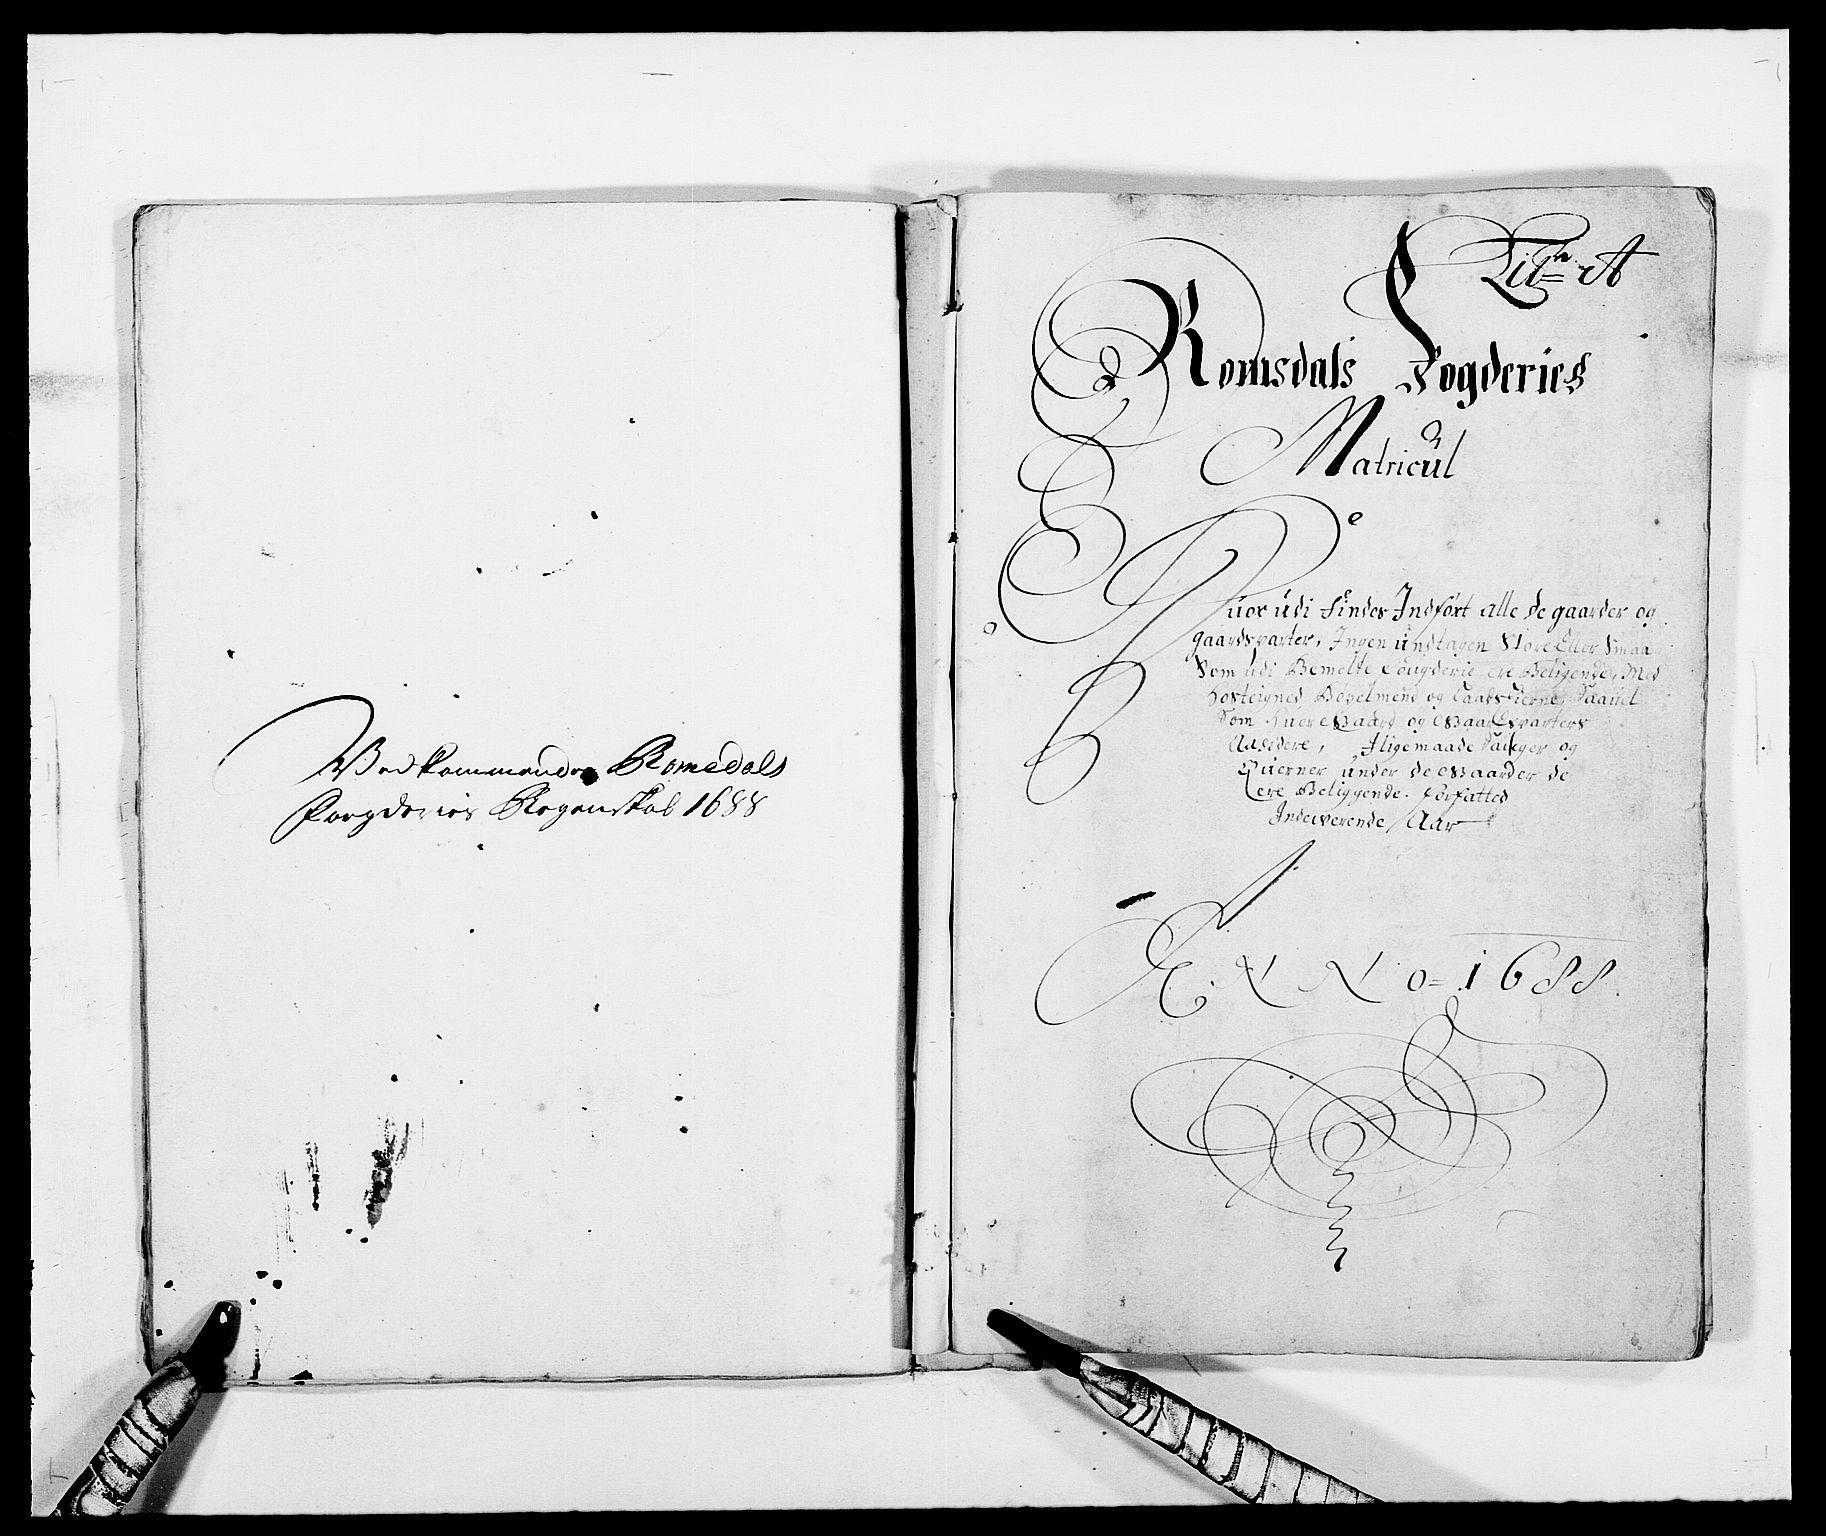 RA, Rentekammeret inntil 1814, Reviderte regnskaper, Fogderegnskap, R55/L3648: Fogderegnskap Romsdal, 1687-1689, s. 164